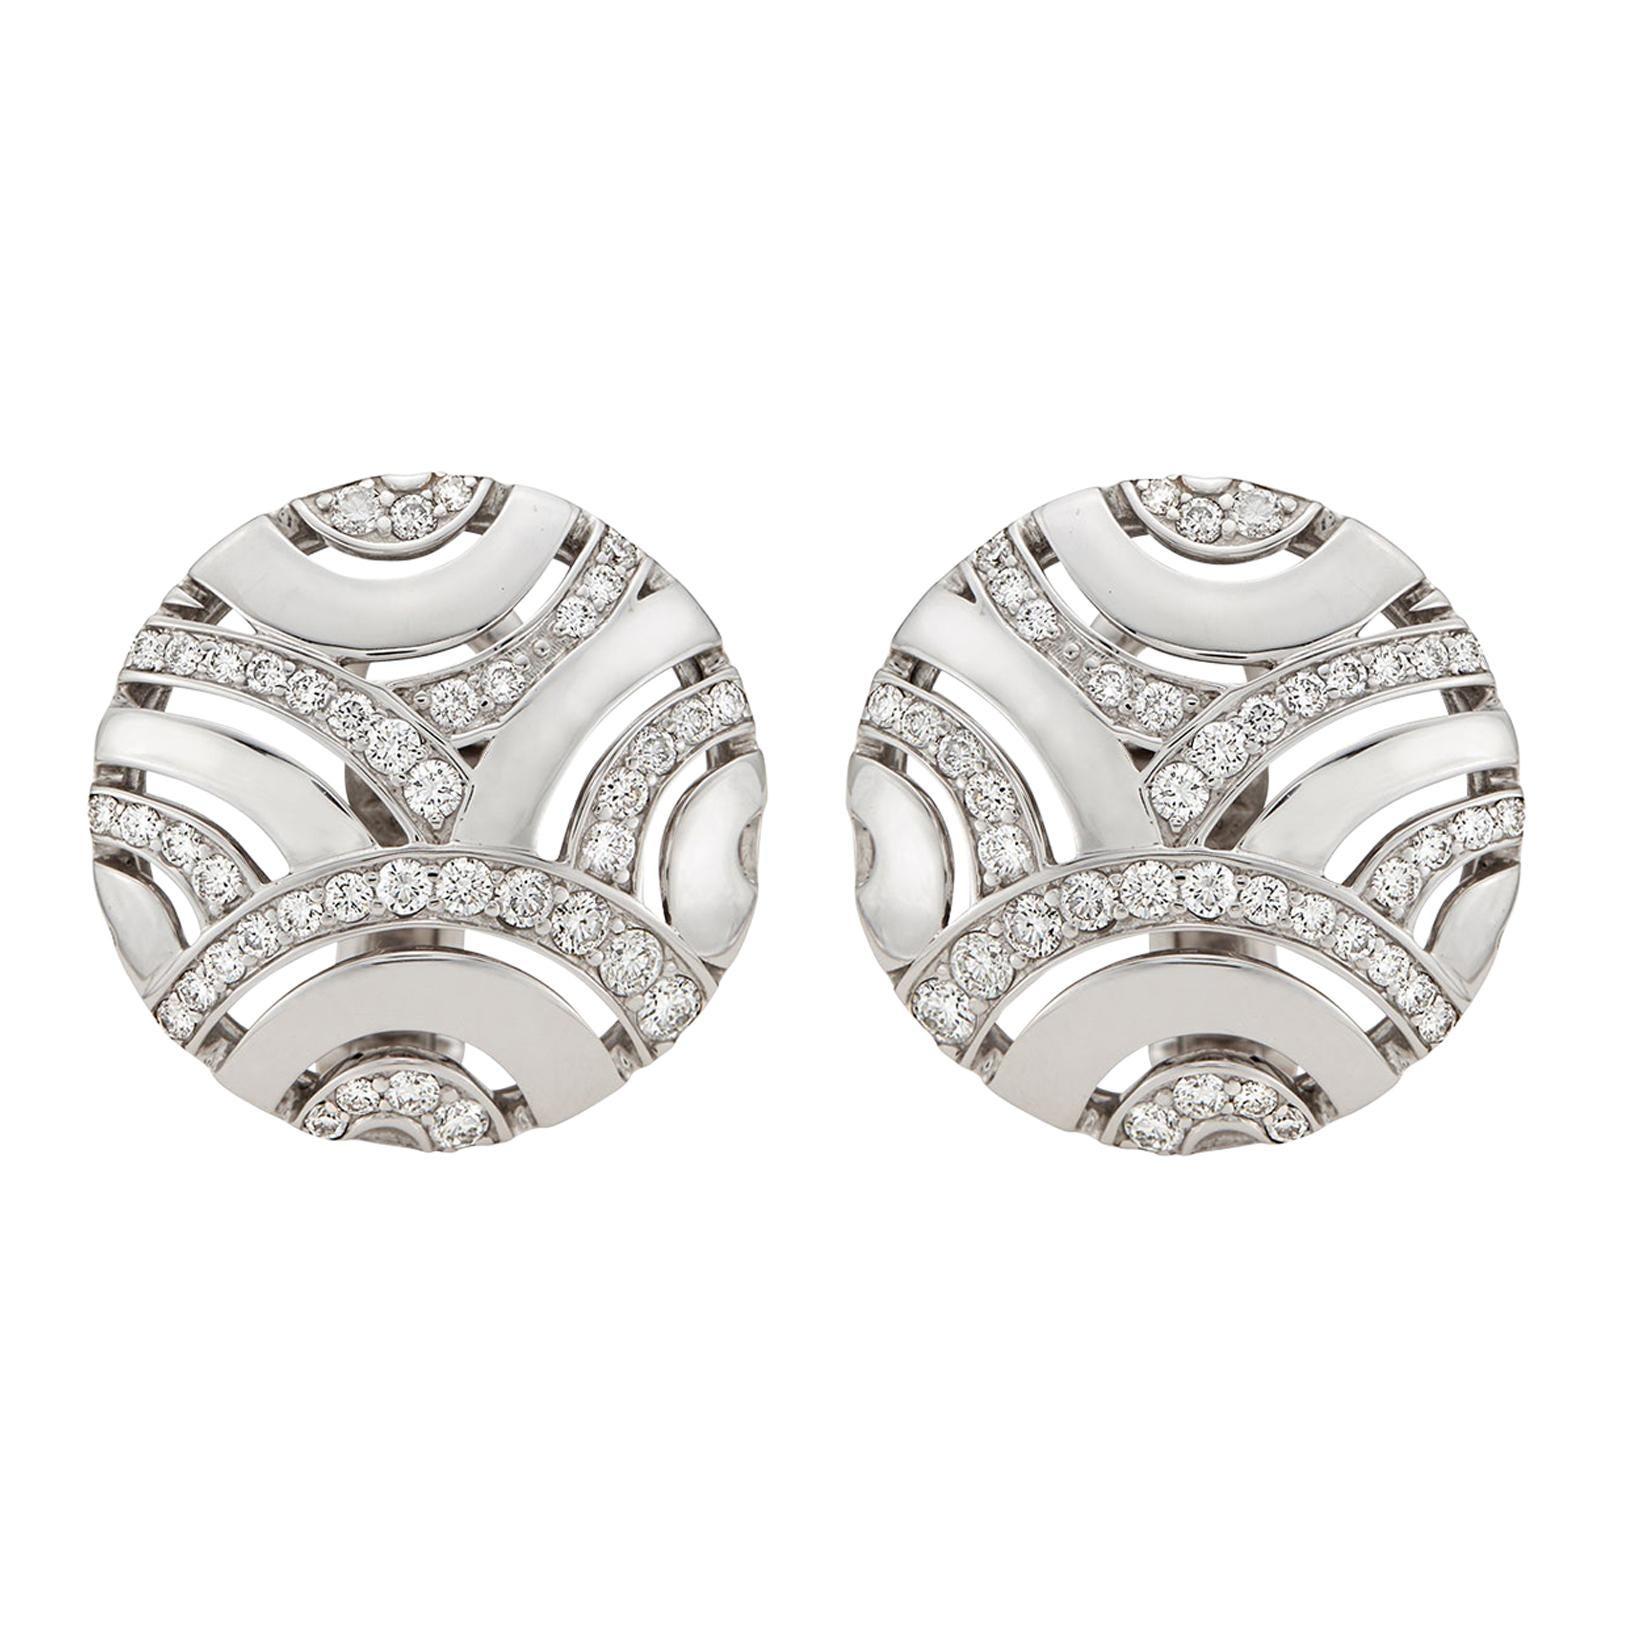 Gubelin Diamond and 18 Karat White Gold Earrings